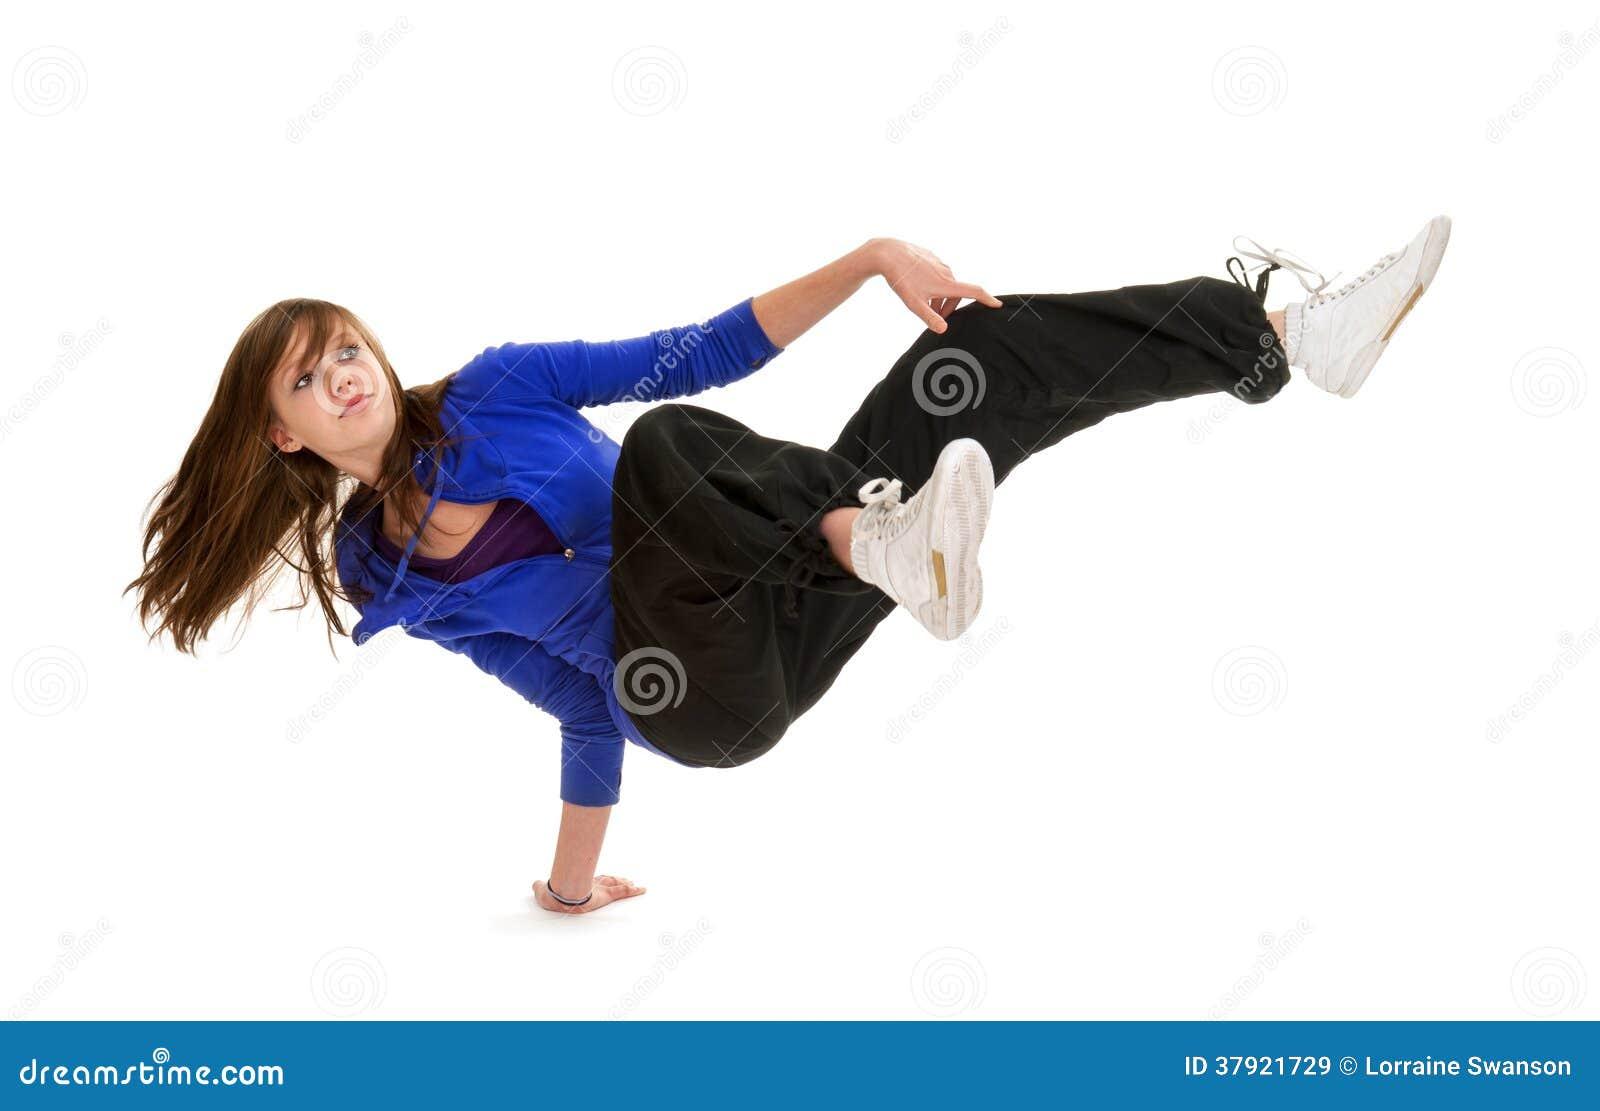 Stock image de adolescent, frais, poser - adolescent